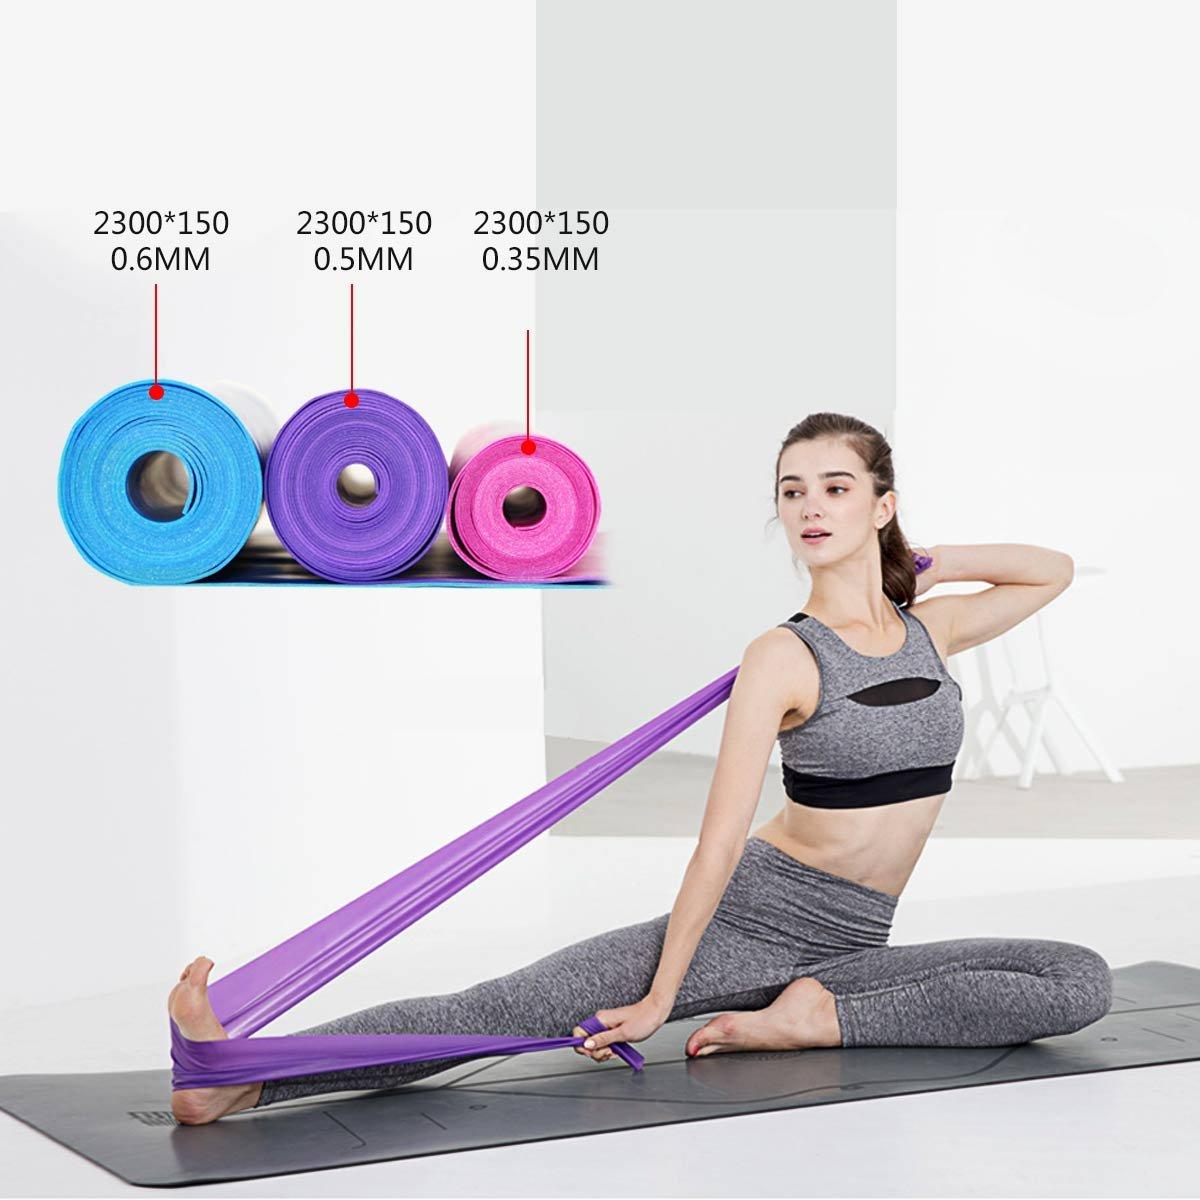 Yoga 2,3 m Bandes de r/ésistance en Latex pour r/é/éducation Danse ; Parfait pour Homme et Femme Musculation int/érieur et ext/érieur IVIM /étirements